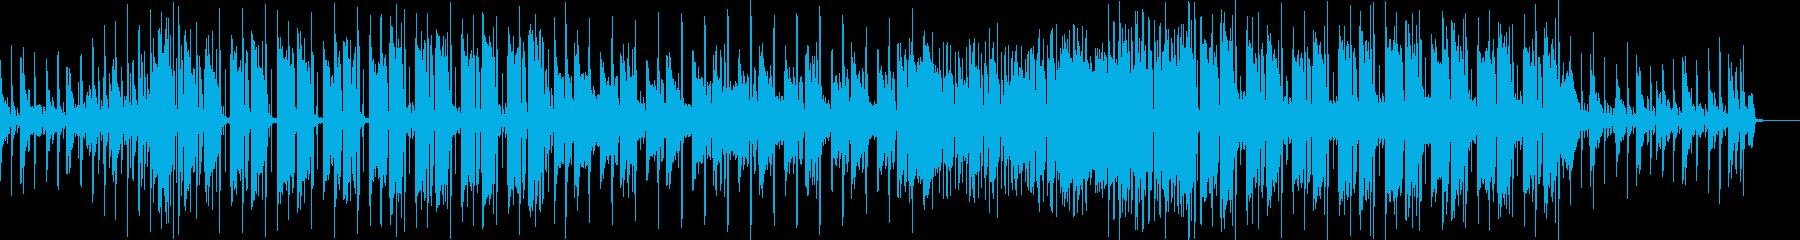 クールでポップなFuture Bassの再生済みの波形